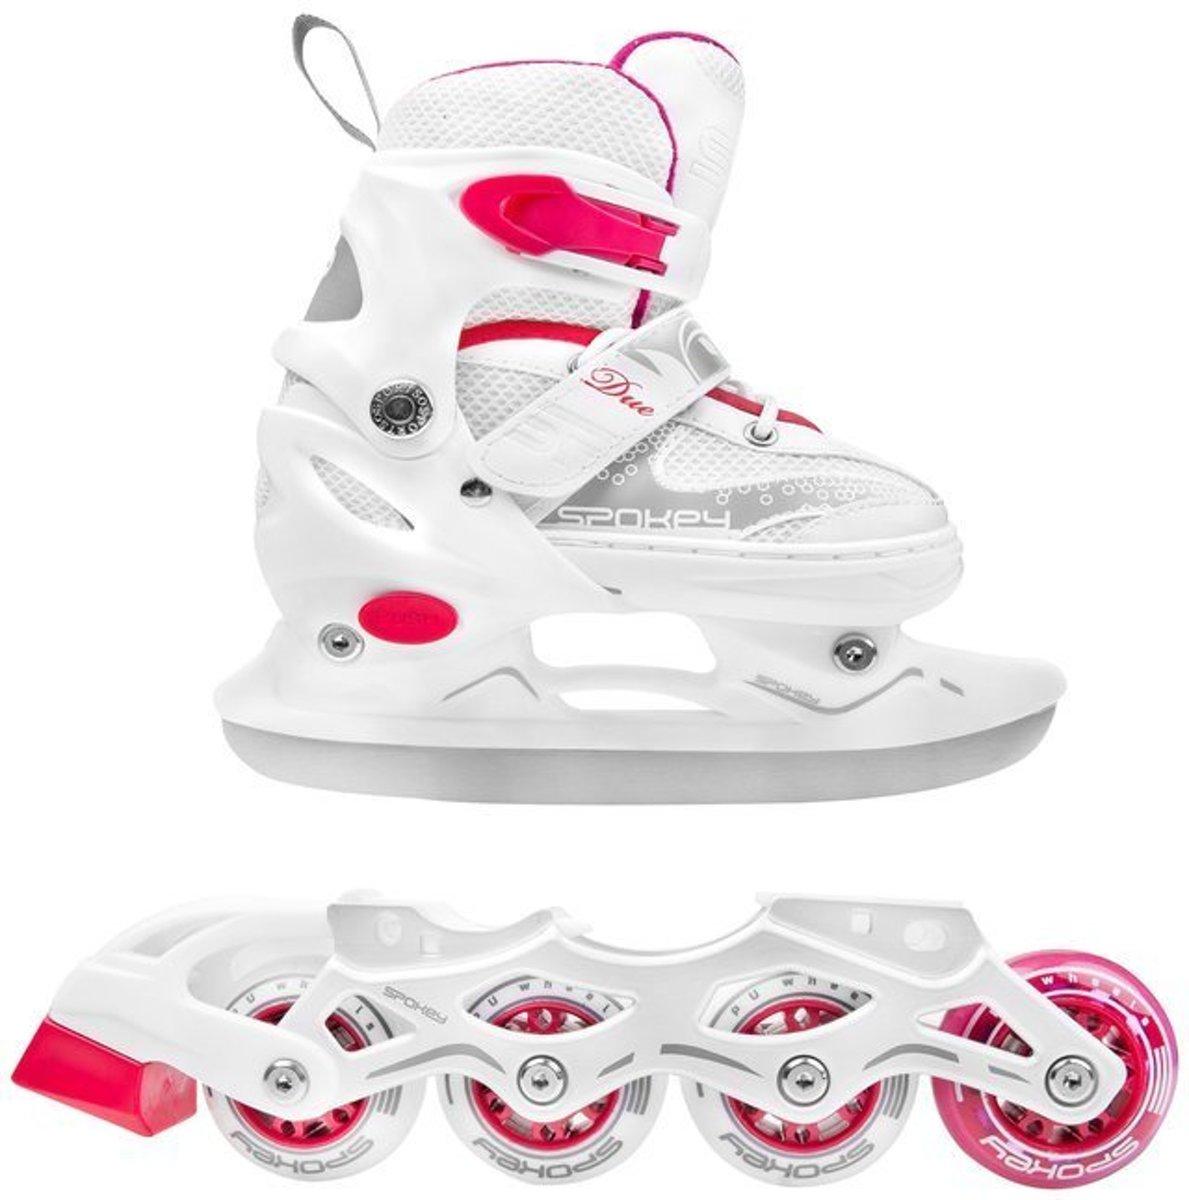 Verstelbare kinder schaats /skeeler kopen